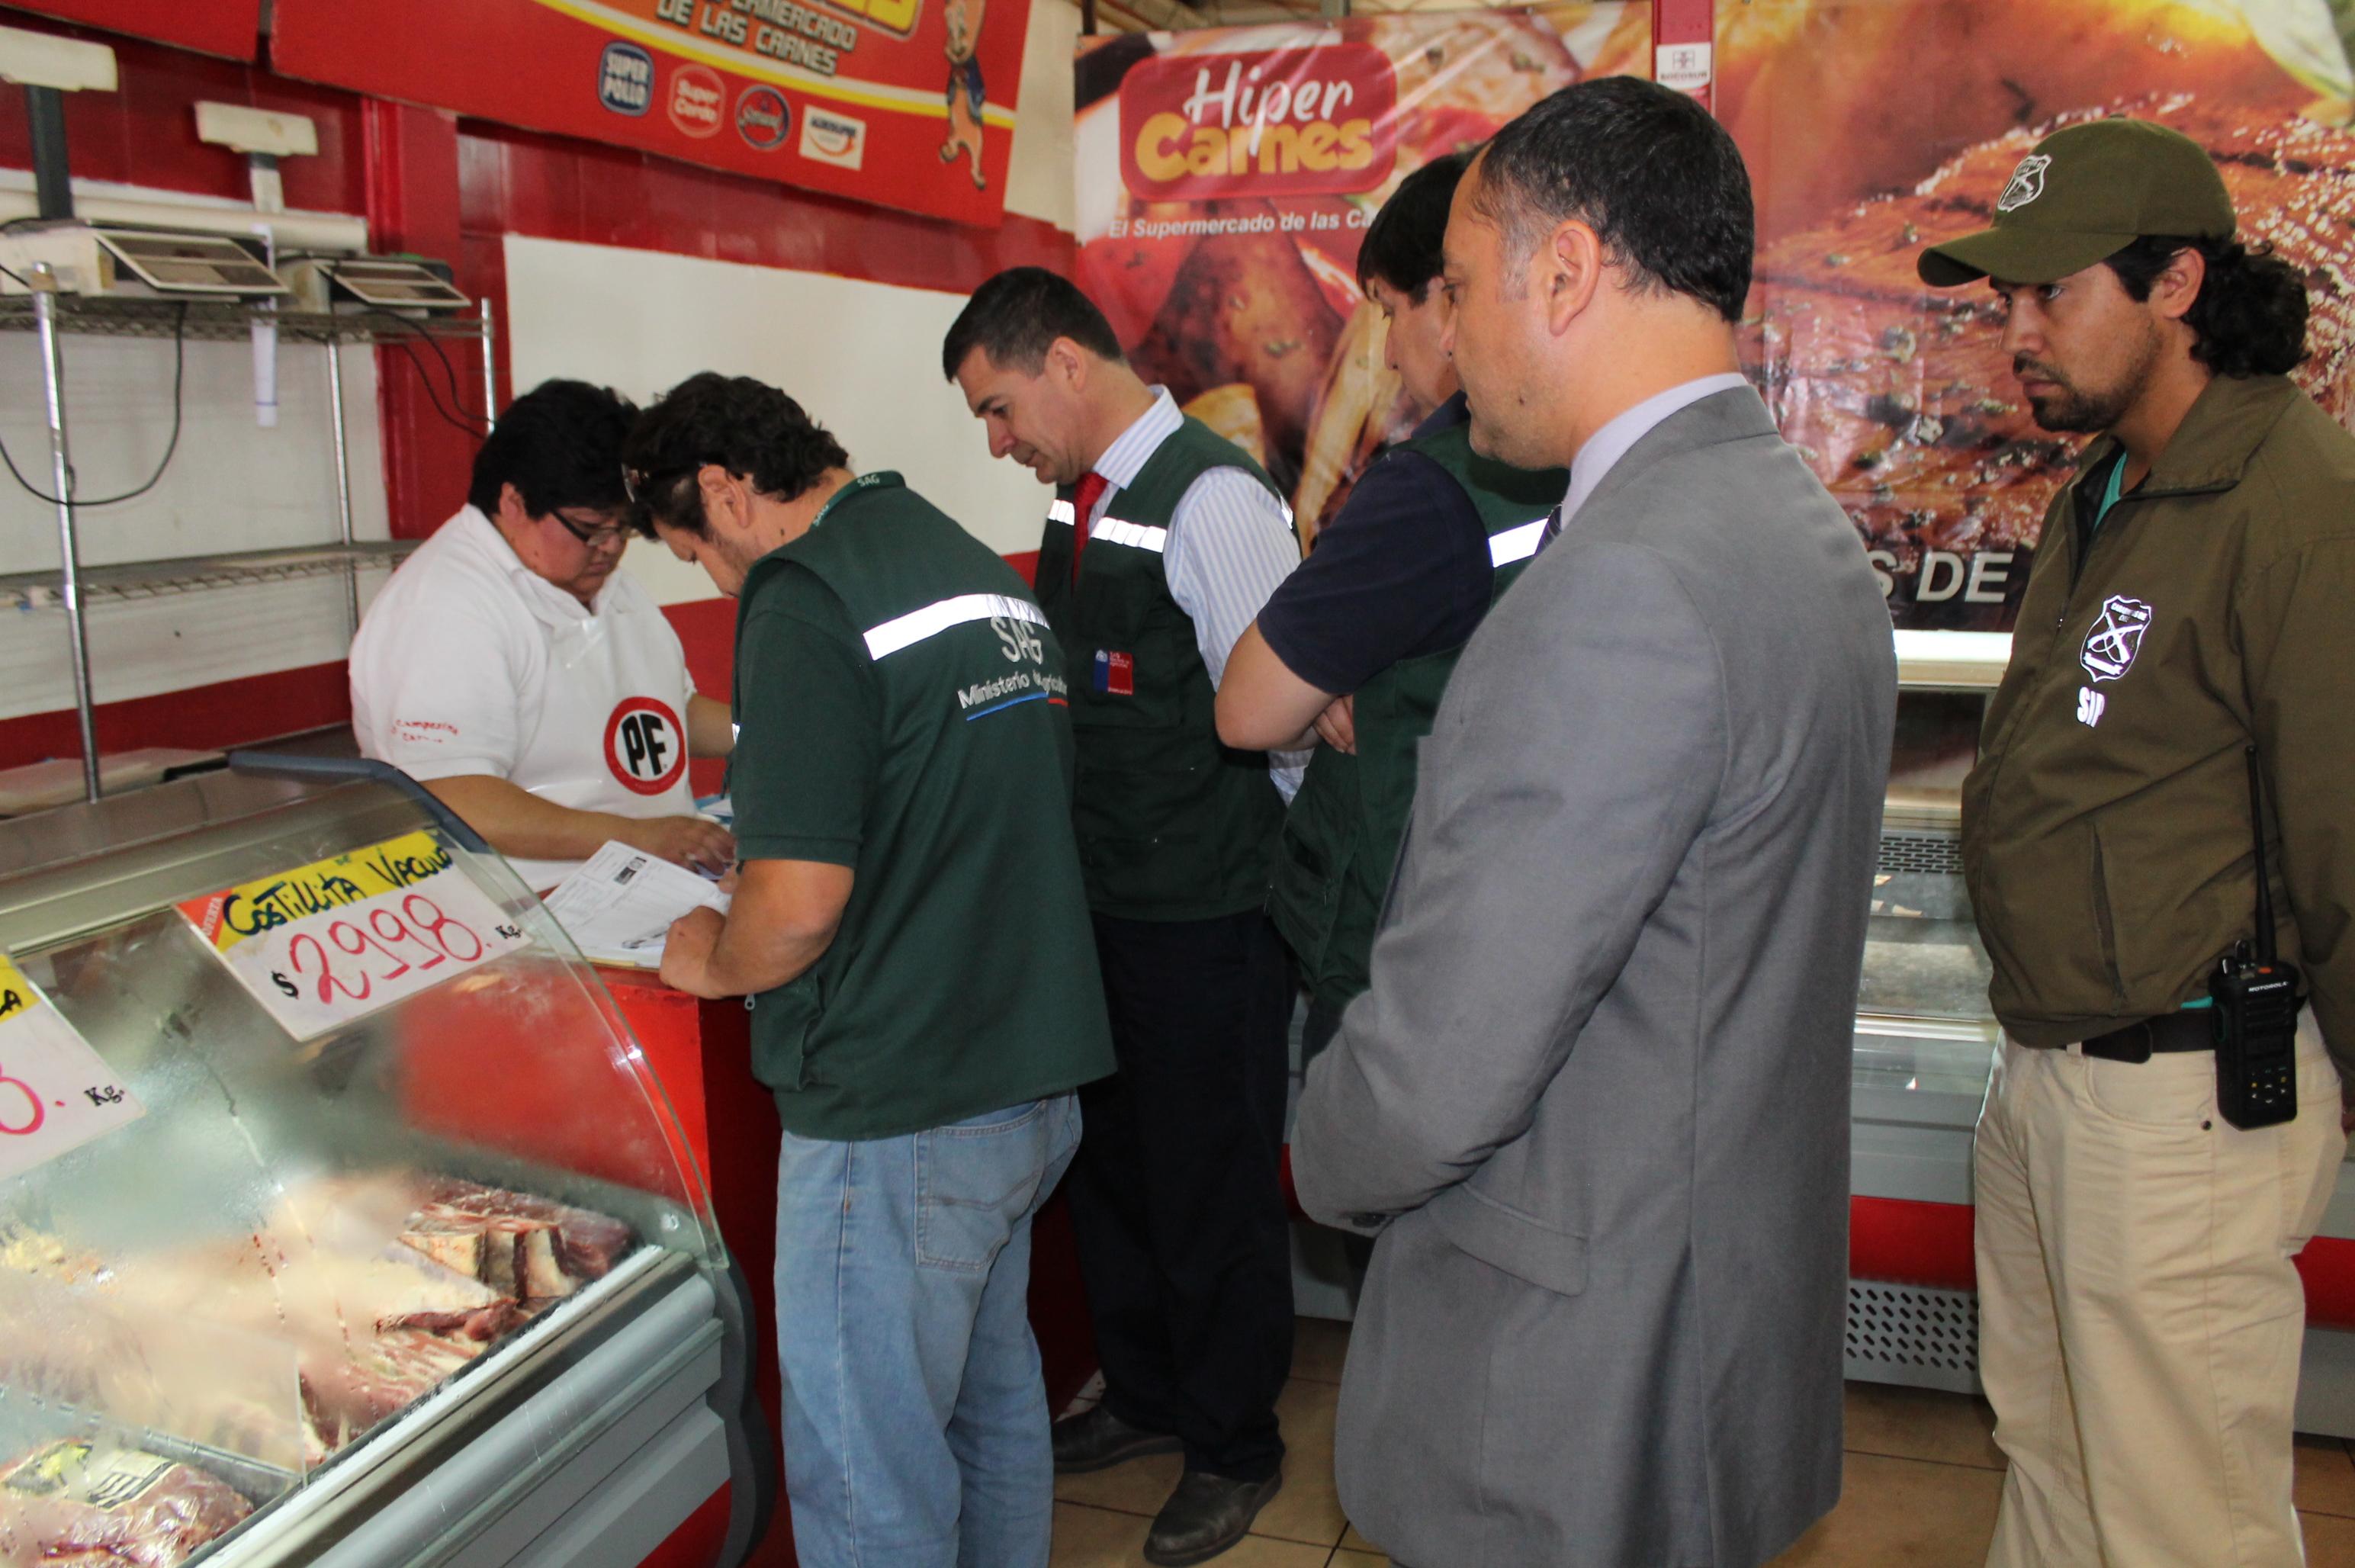 SEIS SERVICIOS PÚBLICOS INTENSIFICAN CONTROLES PARA EVITAR ABIGEATO Y VENTA DE CARNE EN MAL ESTADO